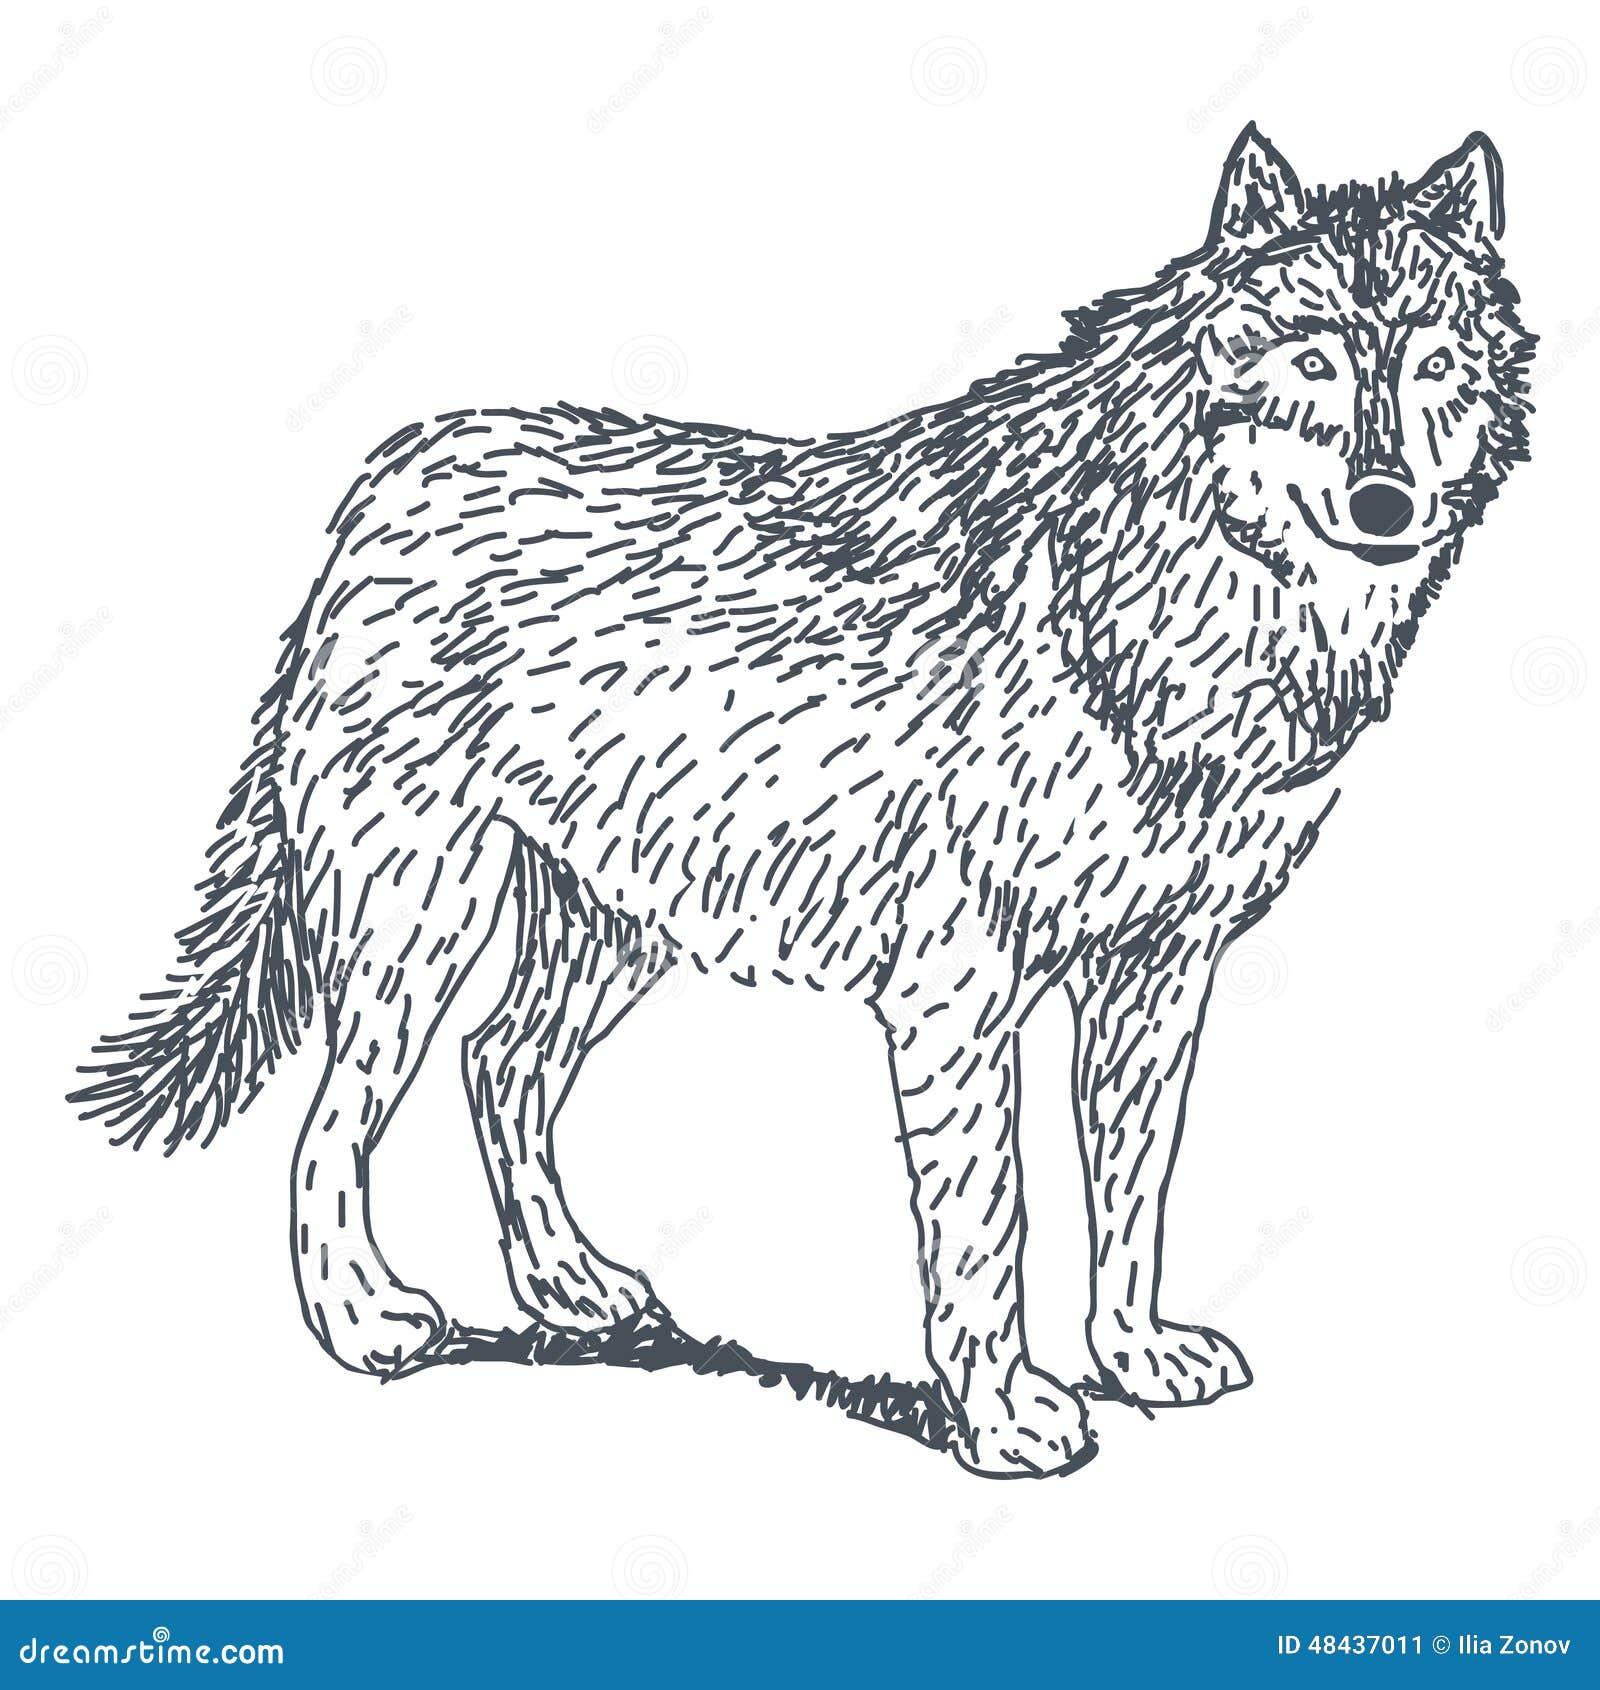 Disegno del lupo illustrazione vettoriale illustrazione for Disegni di lupi facili